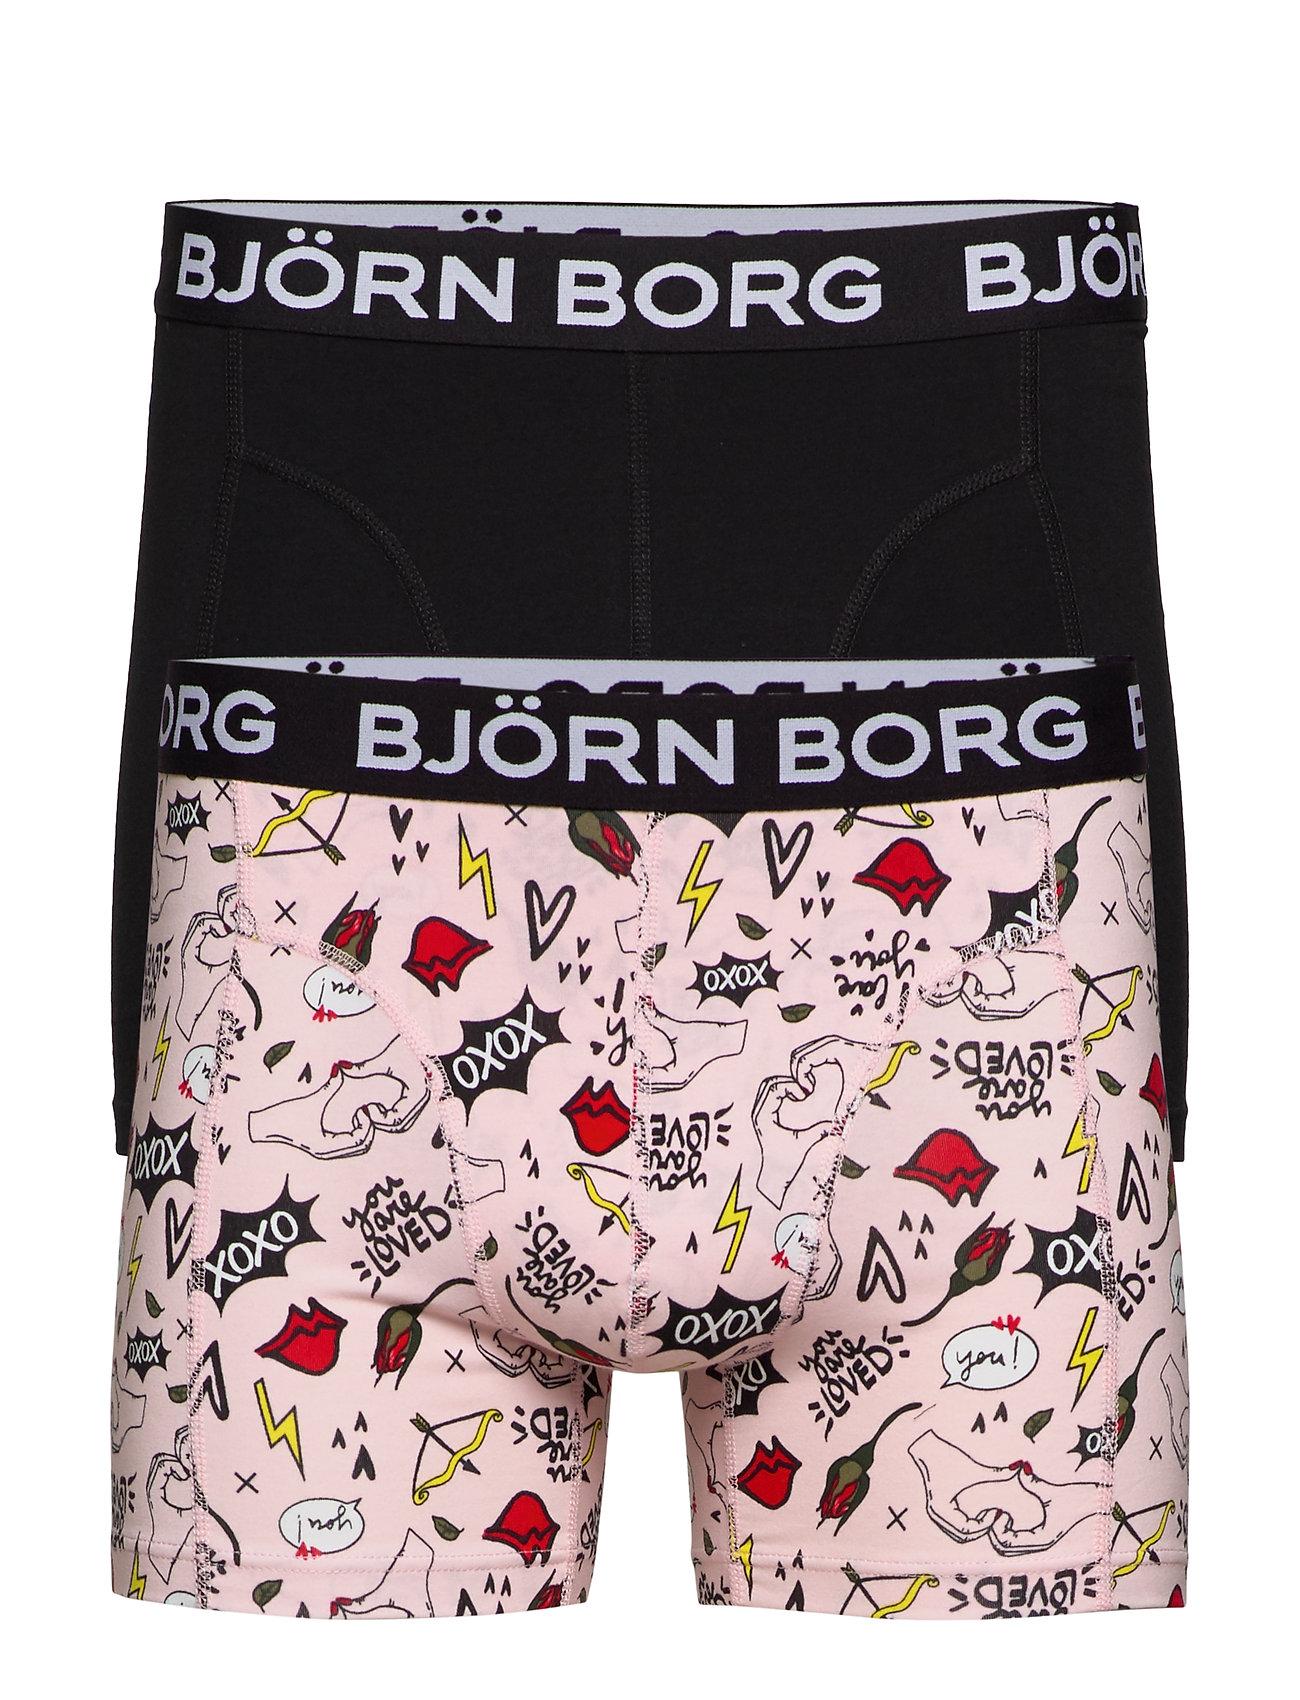 Björn Borg BB XOXO SAMMY SHORTS - BLUSHING BRIDE